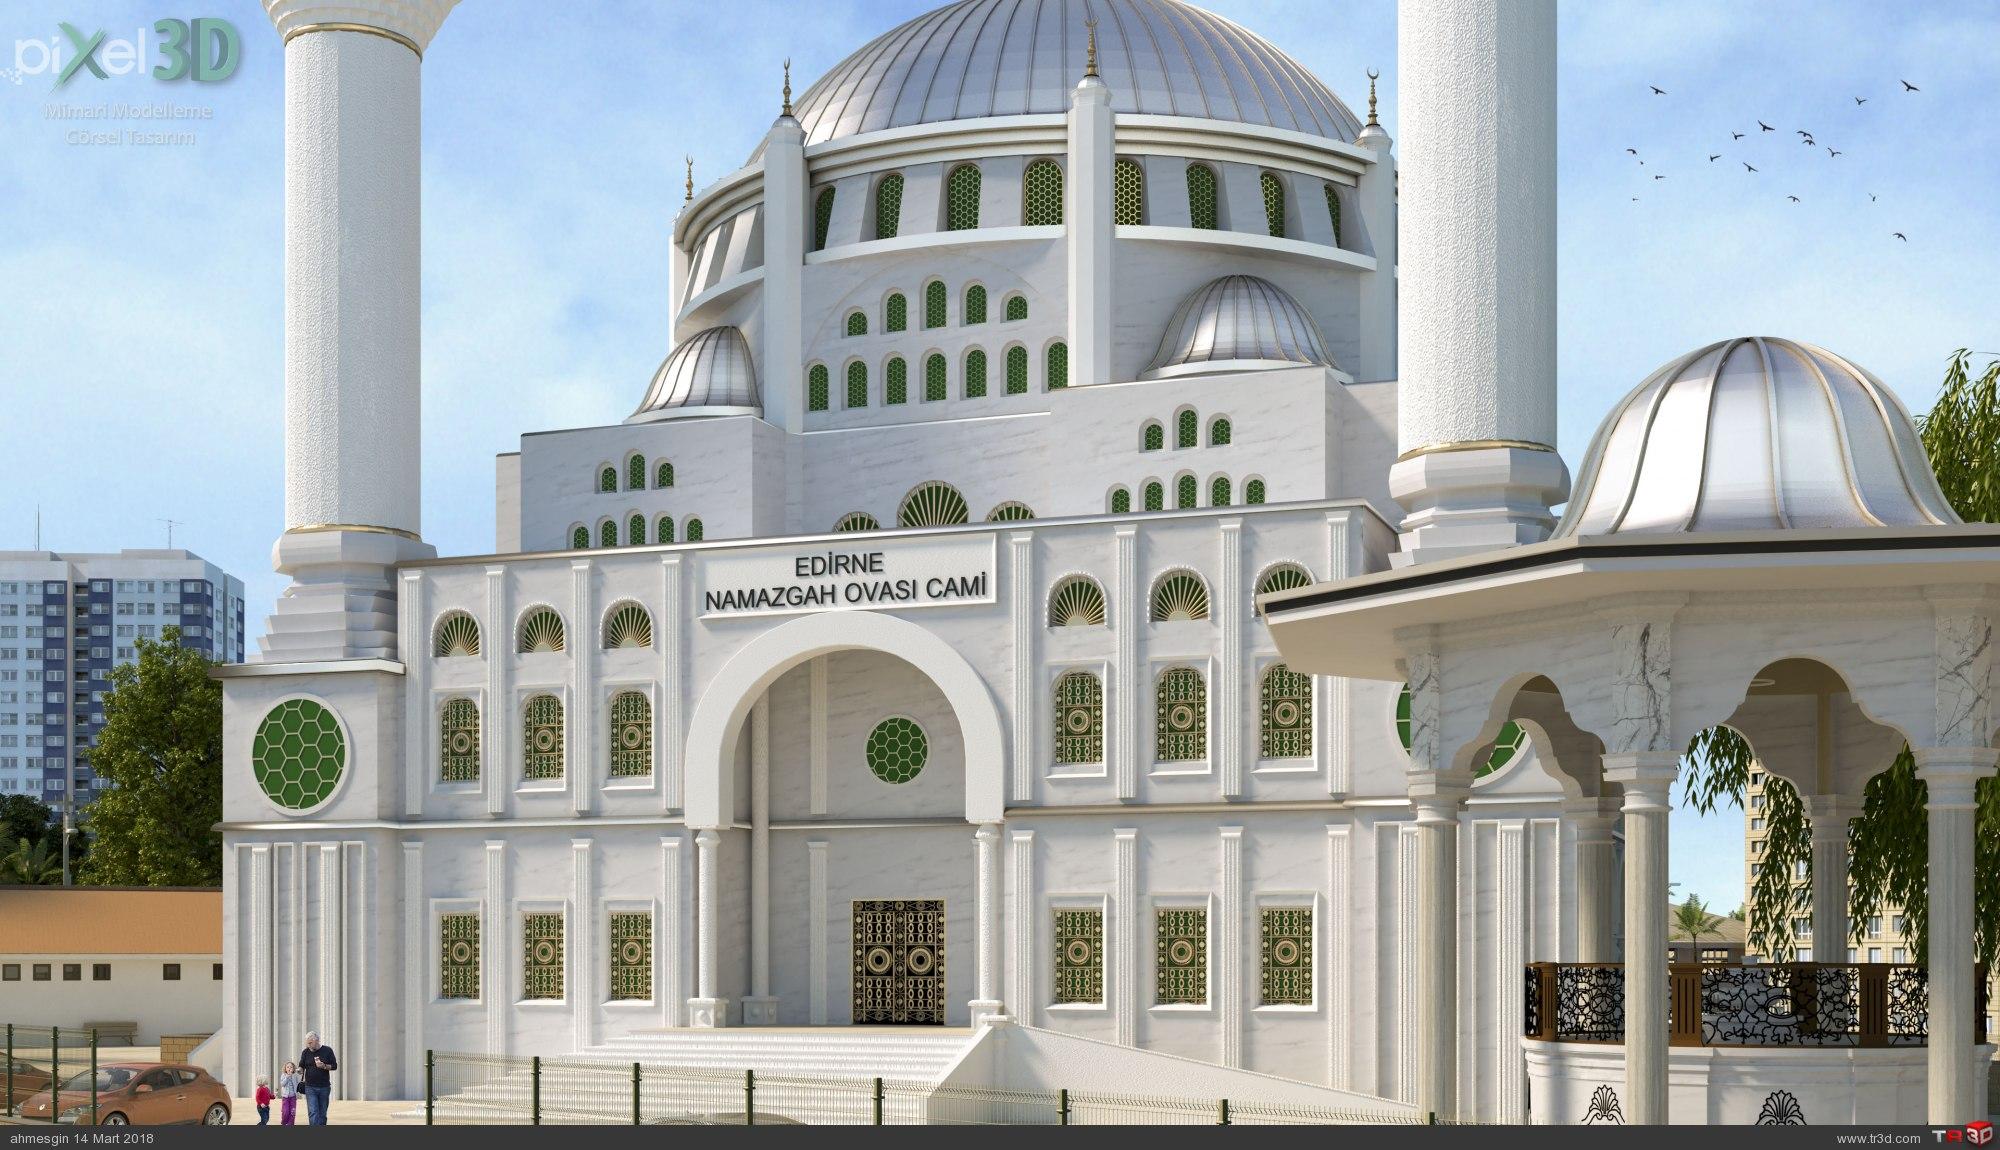 Edirne Namazgah Ovası Cami 1